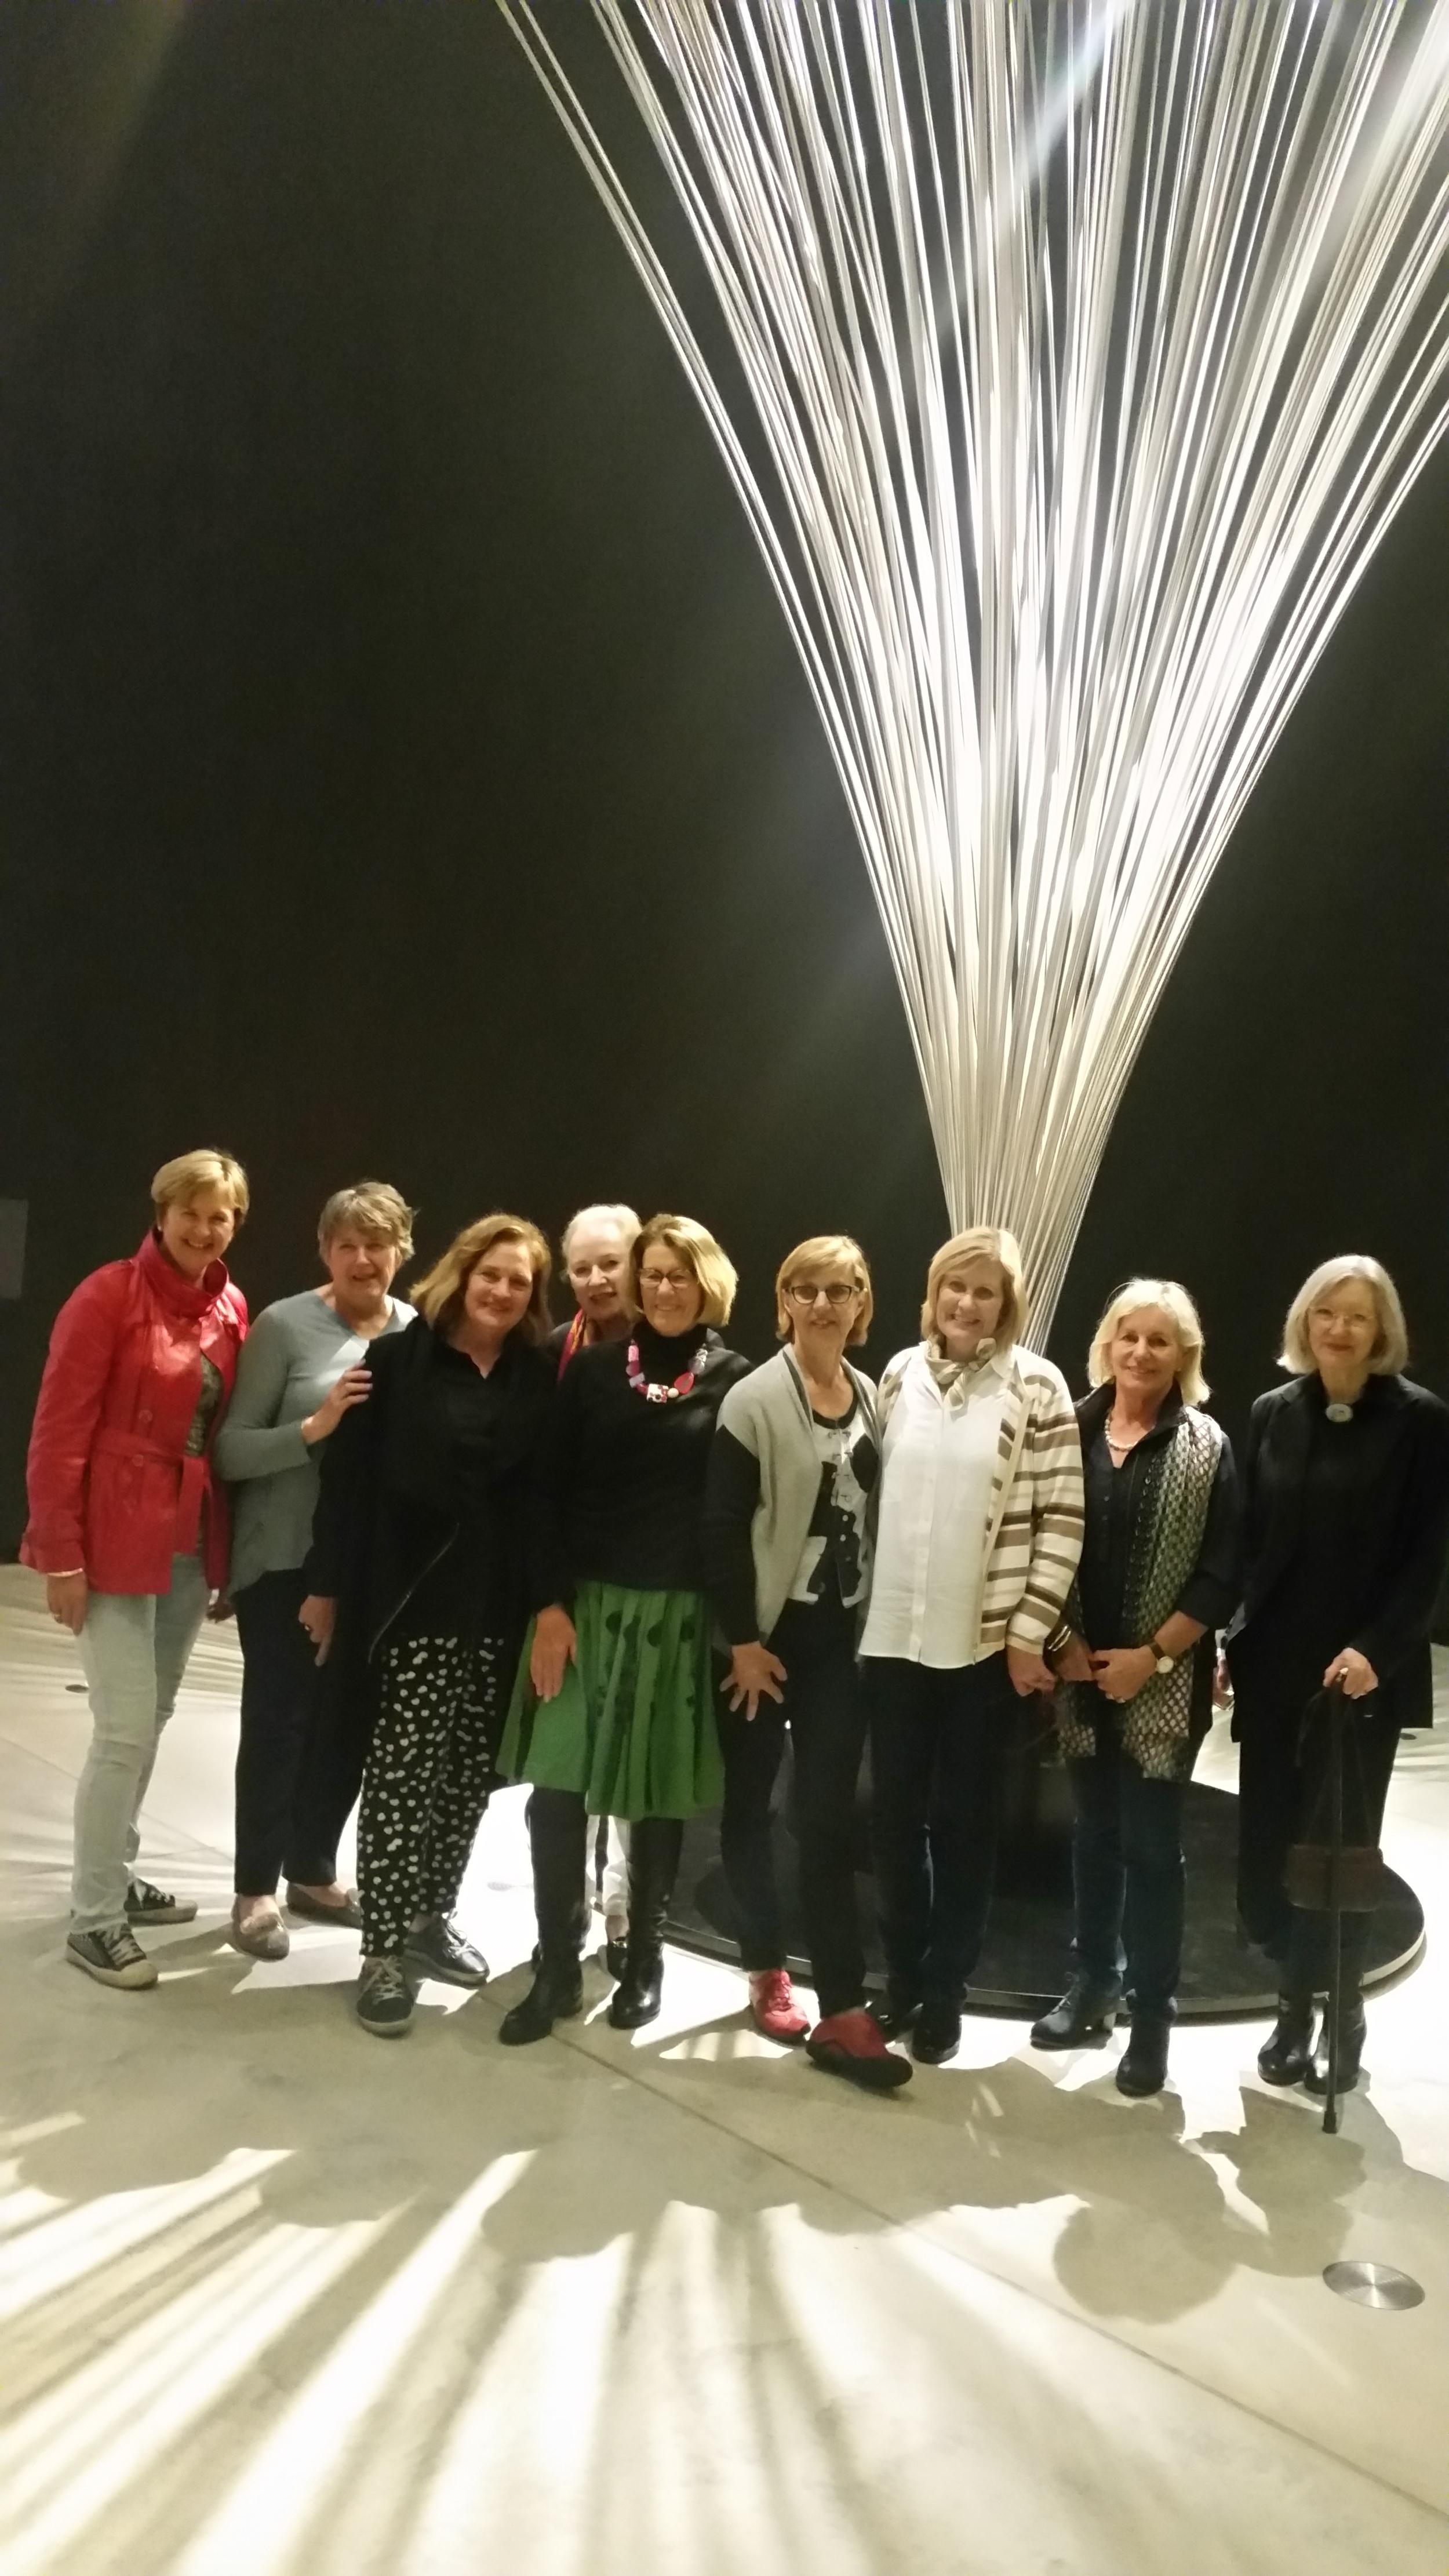 Et Alia art group and Lesley Kreisler with large Len Lye Fountain